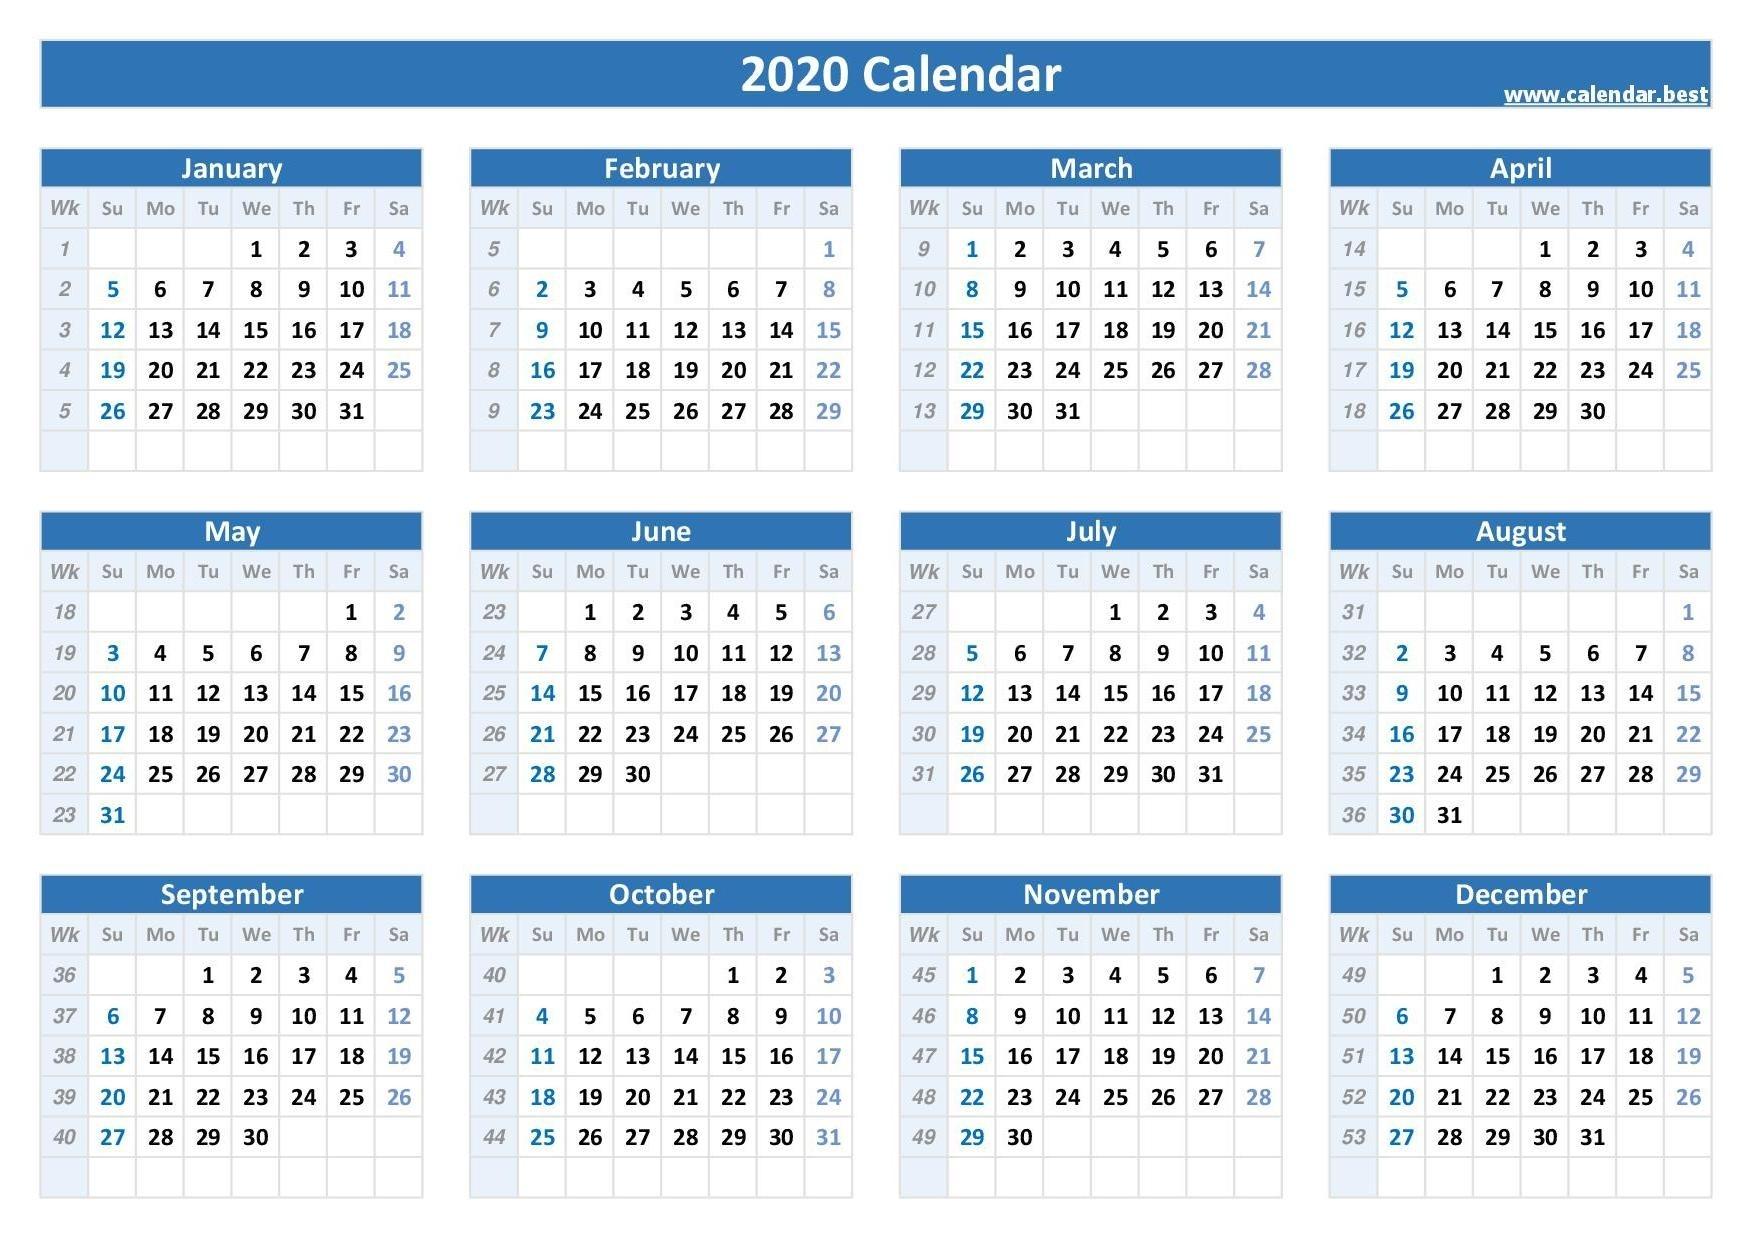 2020 Calendar With Week Numbers -Calendar.best  2020 Weekly Calendar